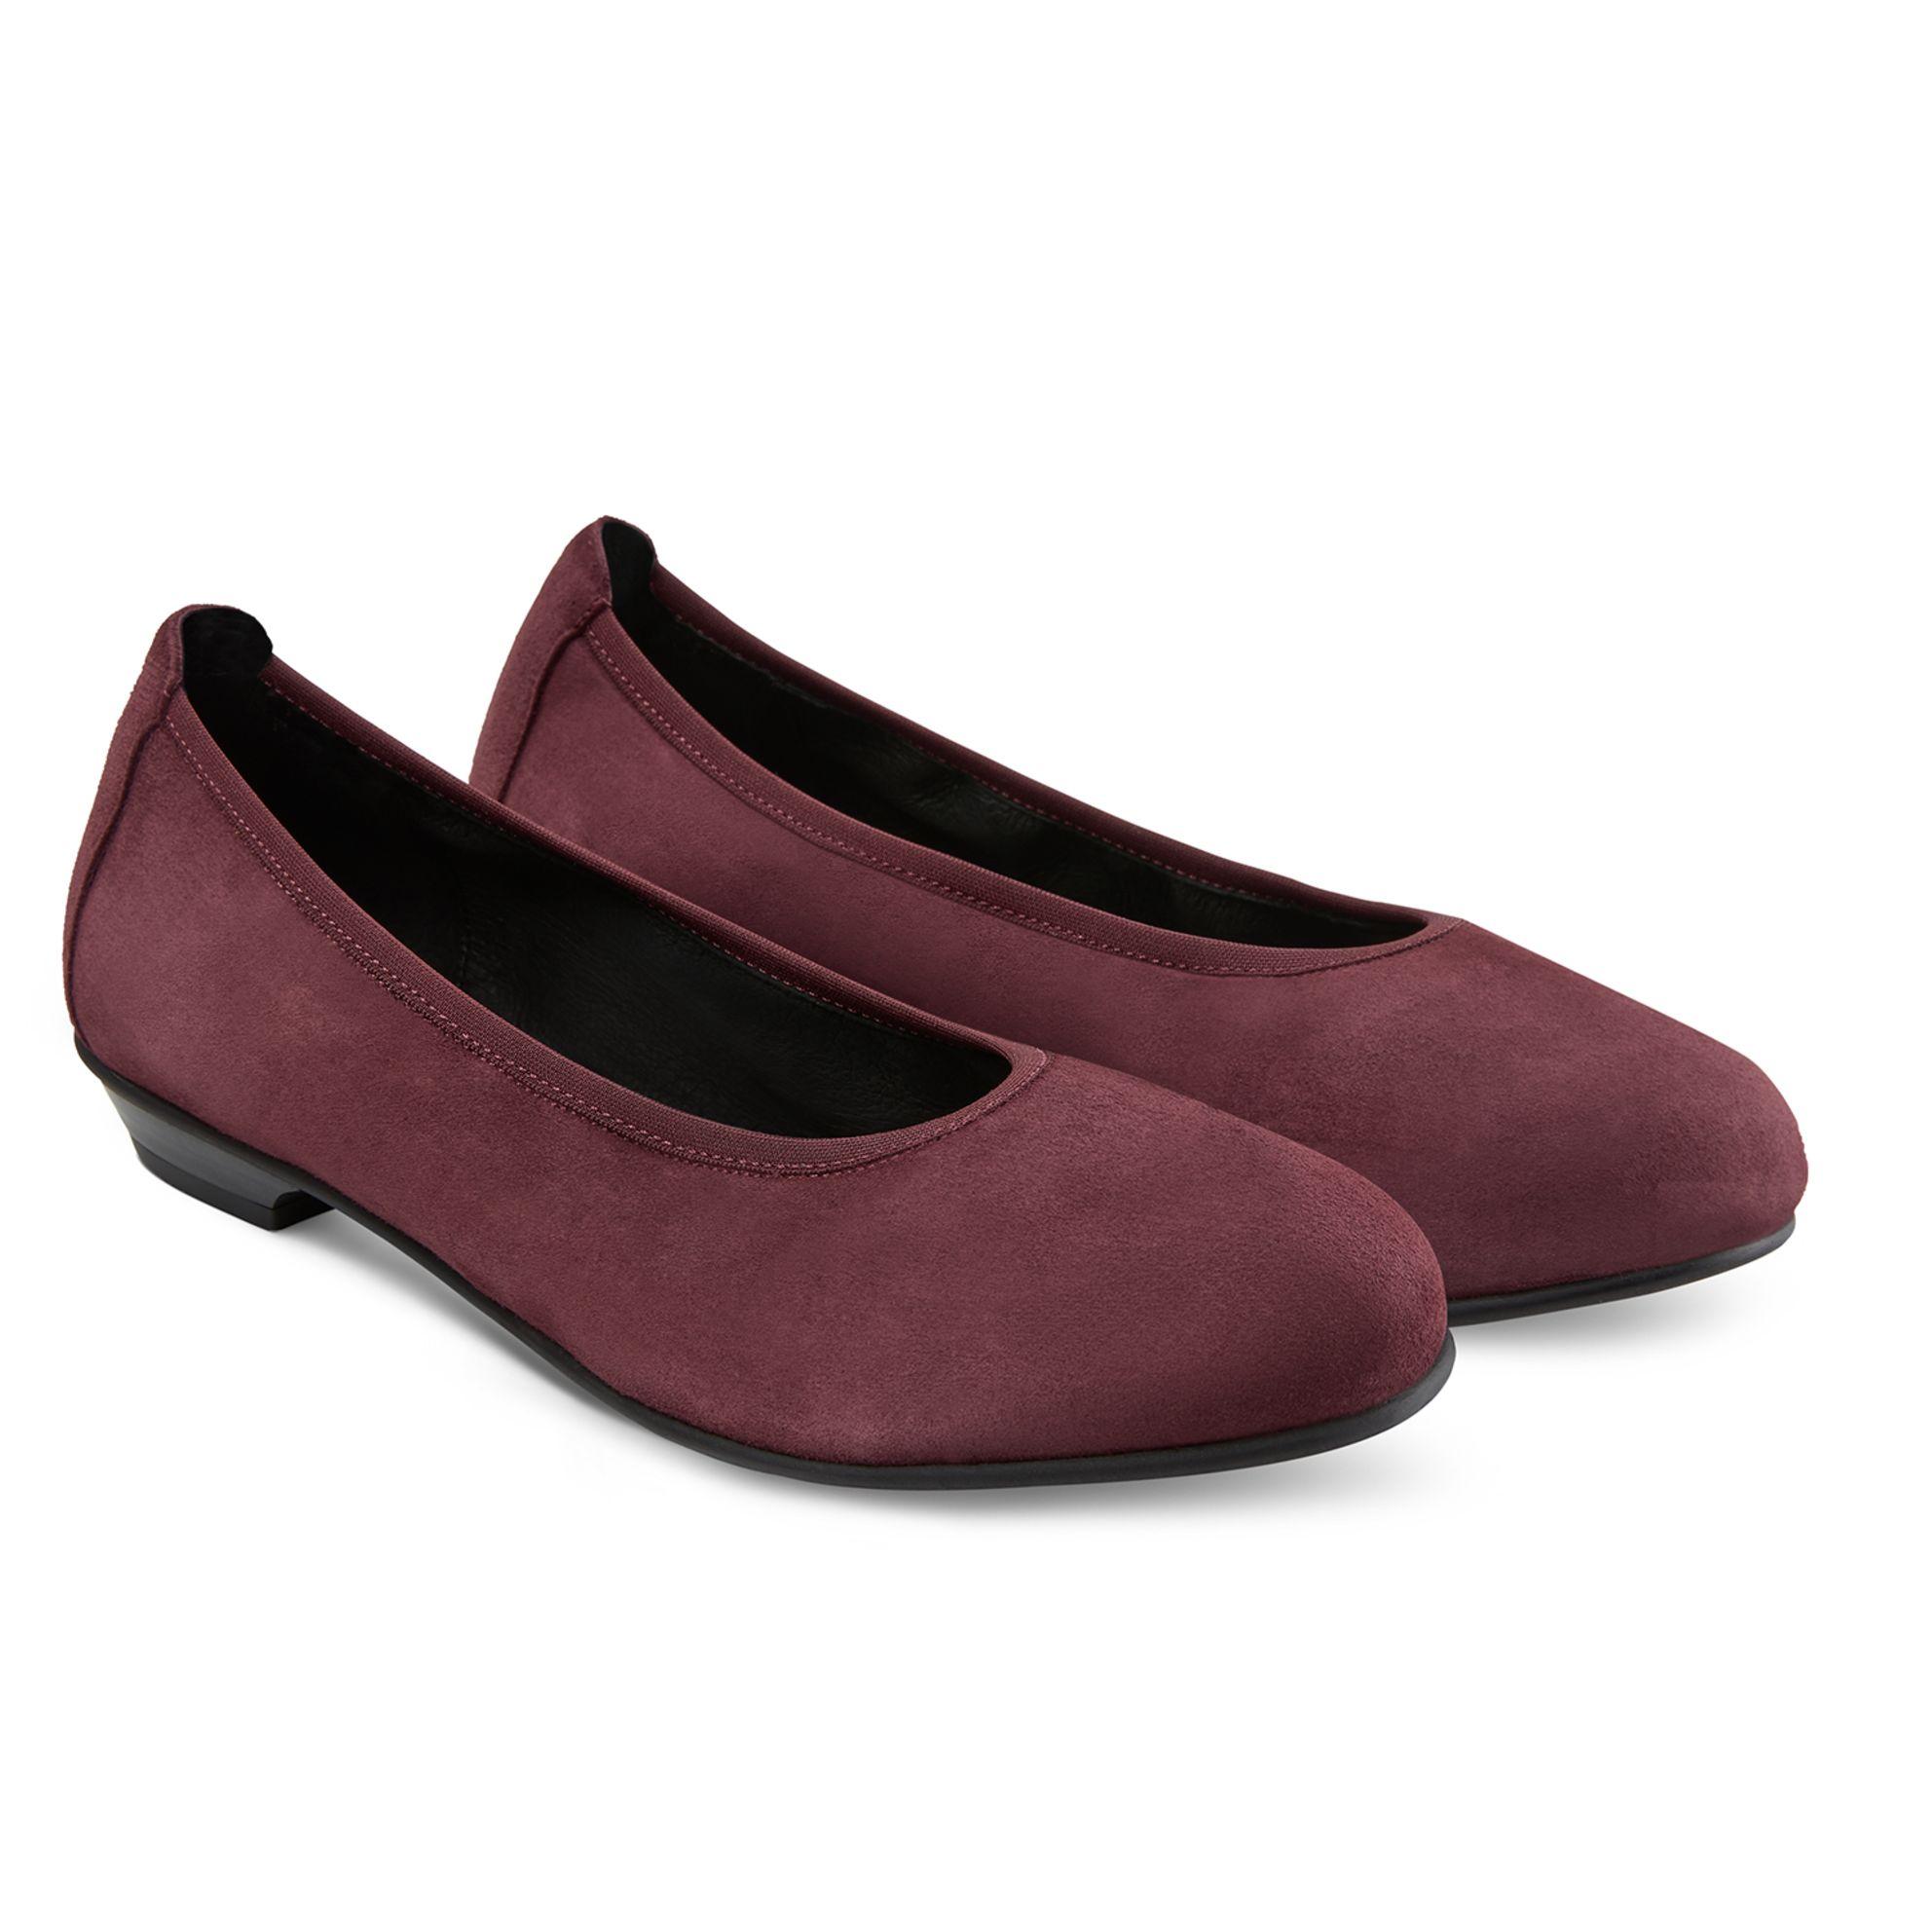 Ballerina auf Blockabsatz Bordeaux – modischer und bequemer Schuh für Hallux valgus und empfindliche Füße von LaShoe.de